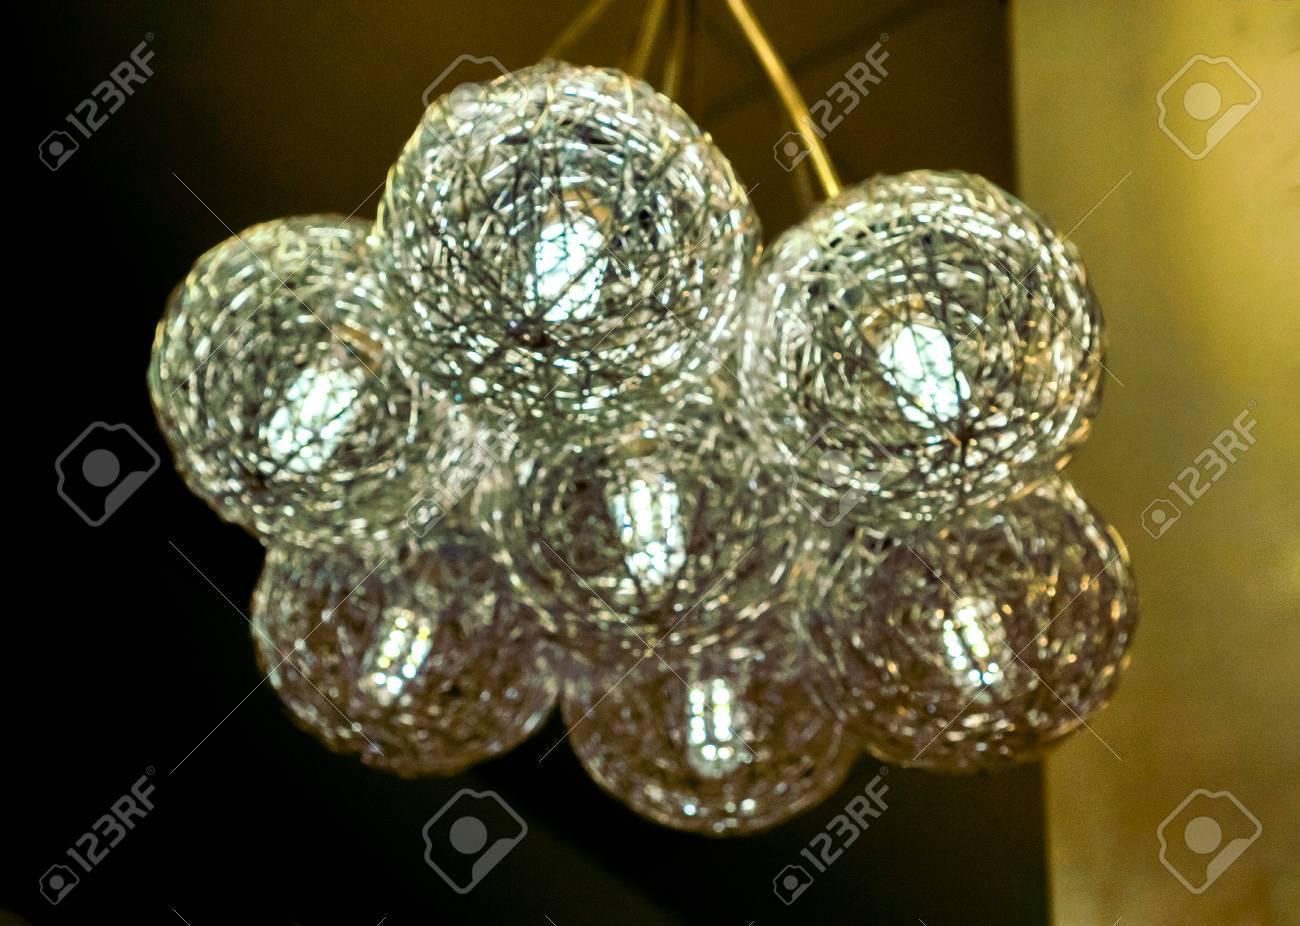 Moderne Lampen 82 : Sauberer kristall weißer moderner kunstluxusleuchter gemacht mit